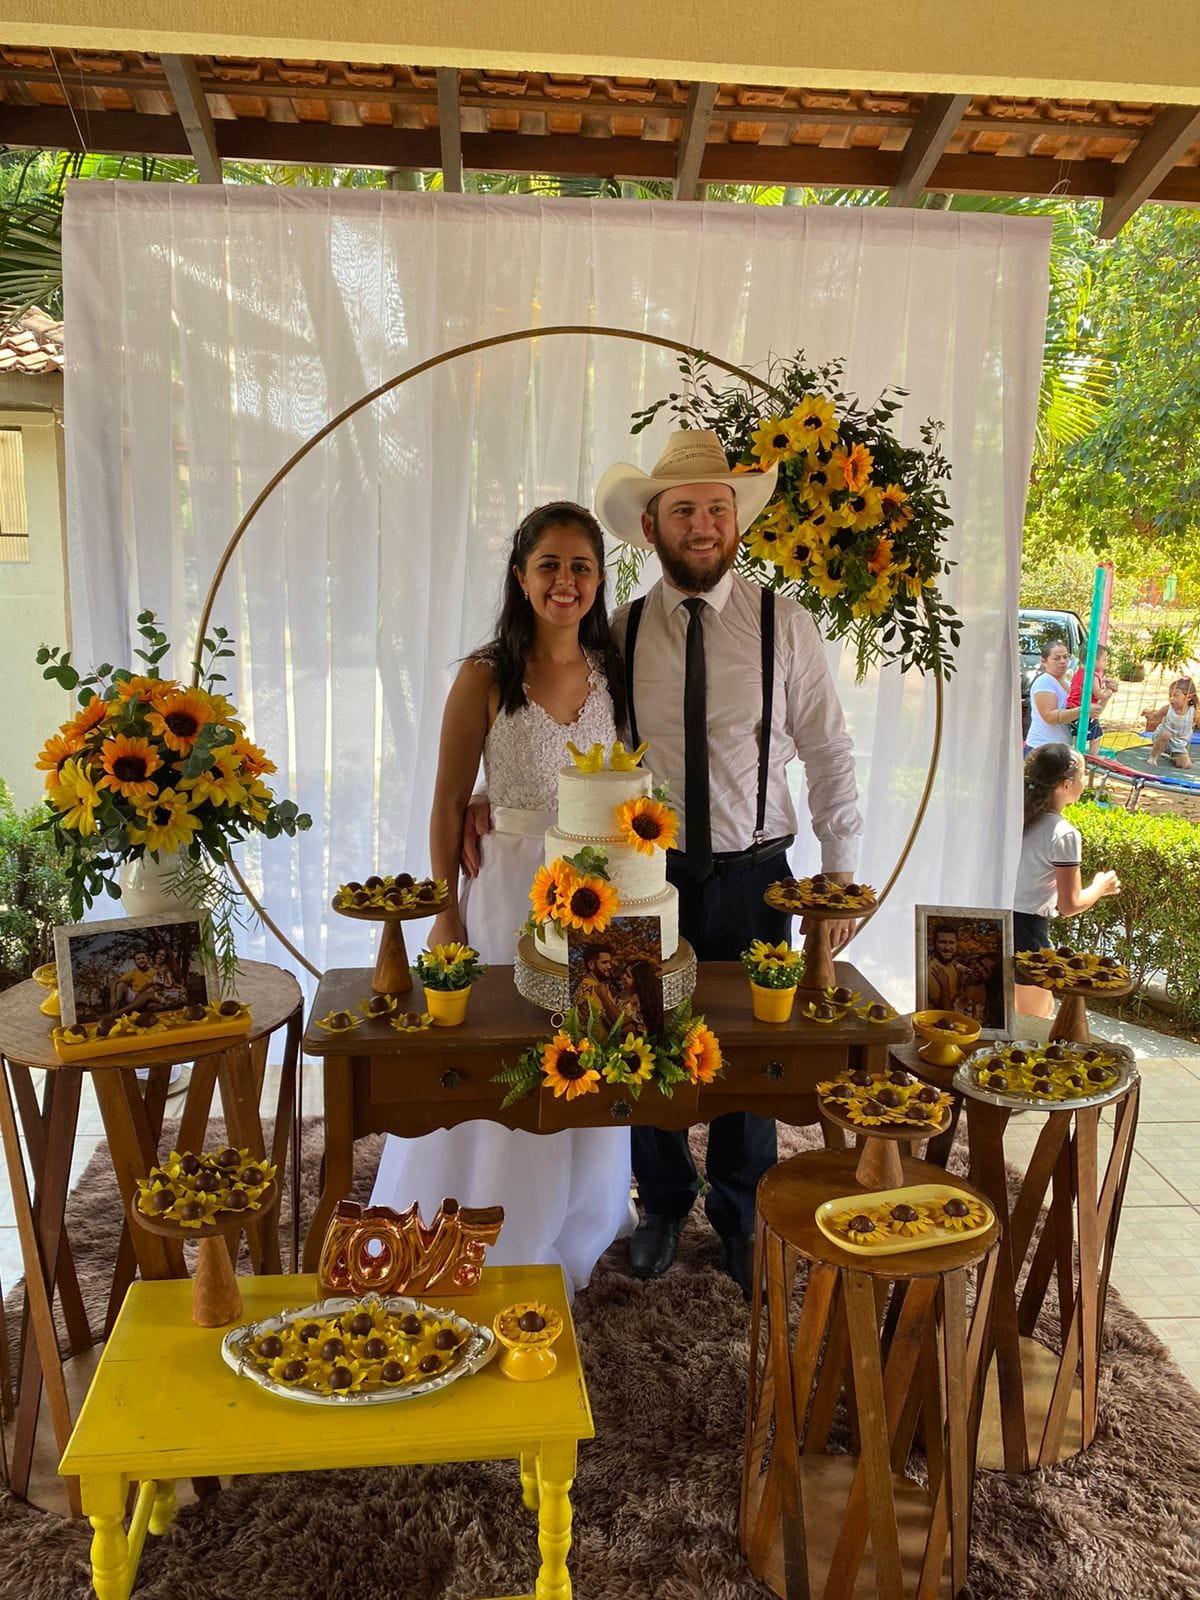 Perda dos avós fez casal desistir de festão e ter somente casamento íntimo no Pantanal: 'Decorado com girassóis'